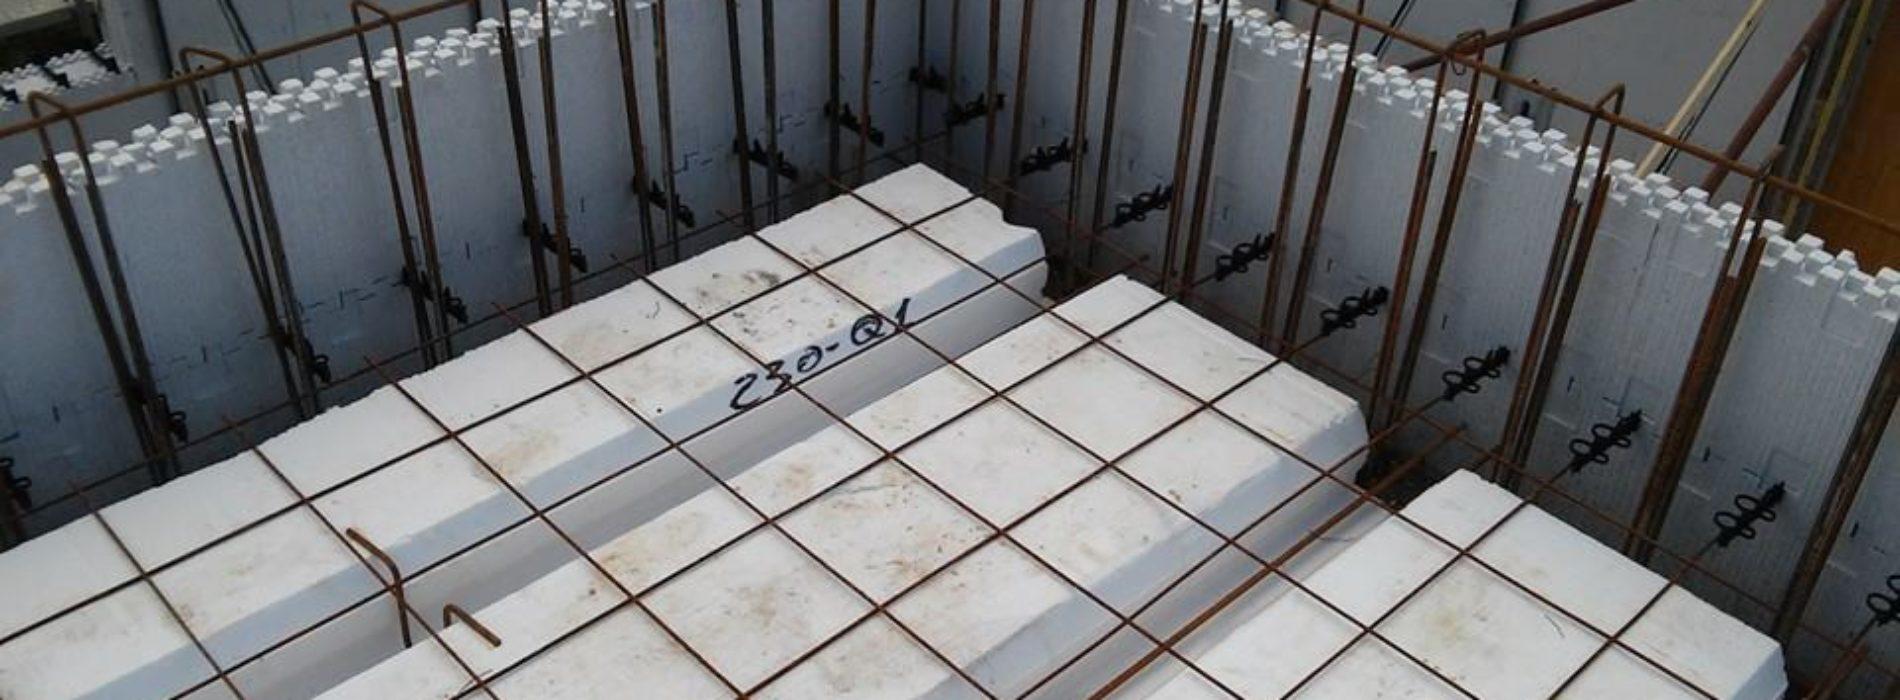 Sistema costruttivo Thermo Muro Carbon ED SYSTEM® ad alta efficienza energetica e antisismico